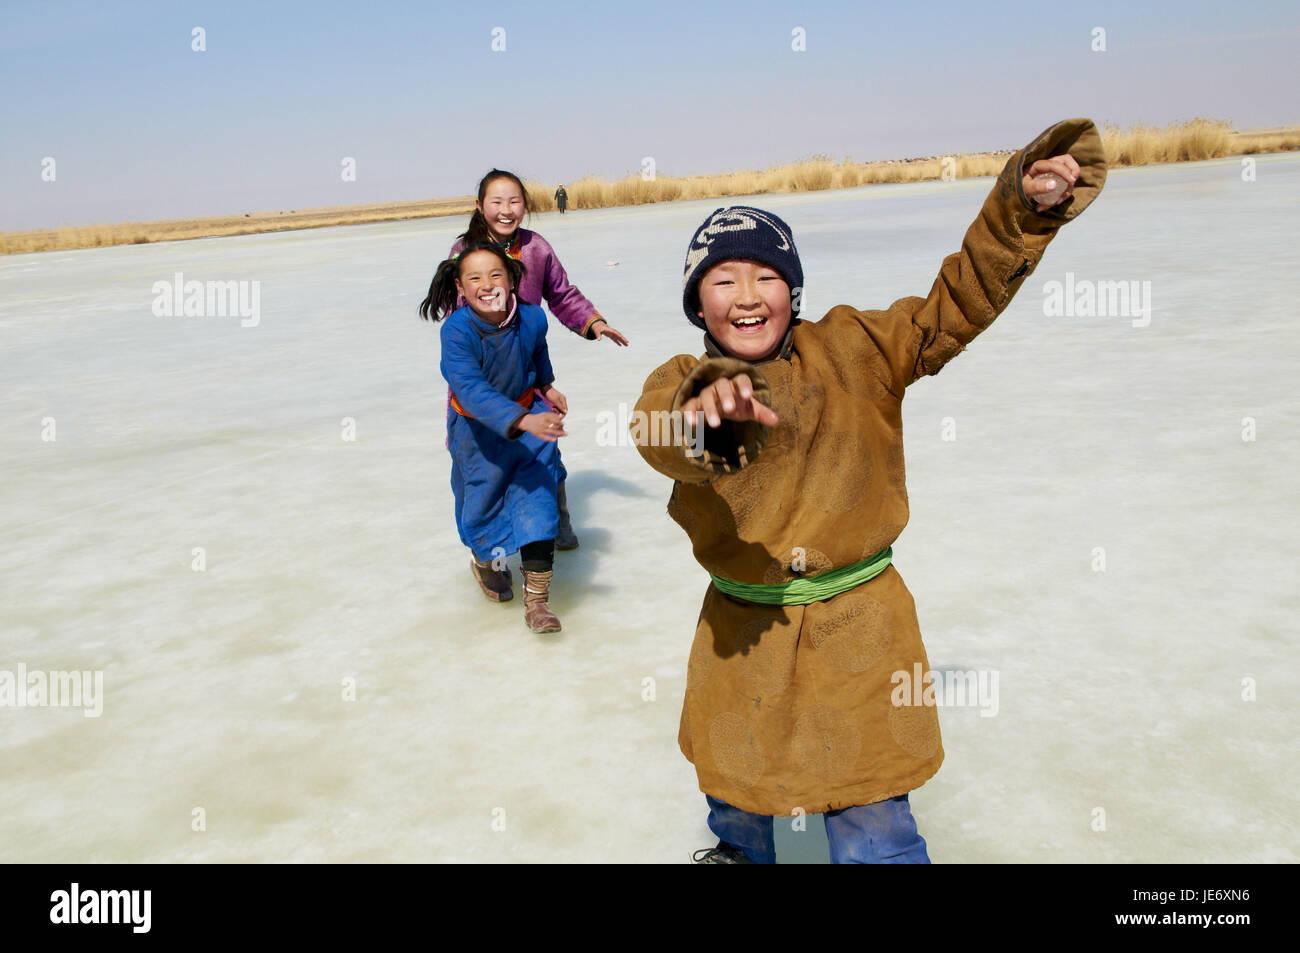 Mongolia, Khovd provincia, inverno, i bambini giocano sul lago icebound, Immagini Stock